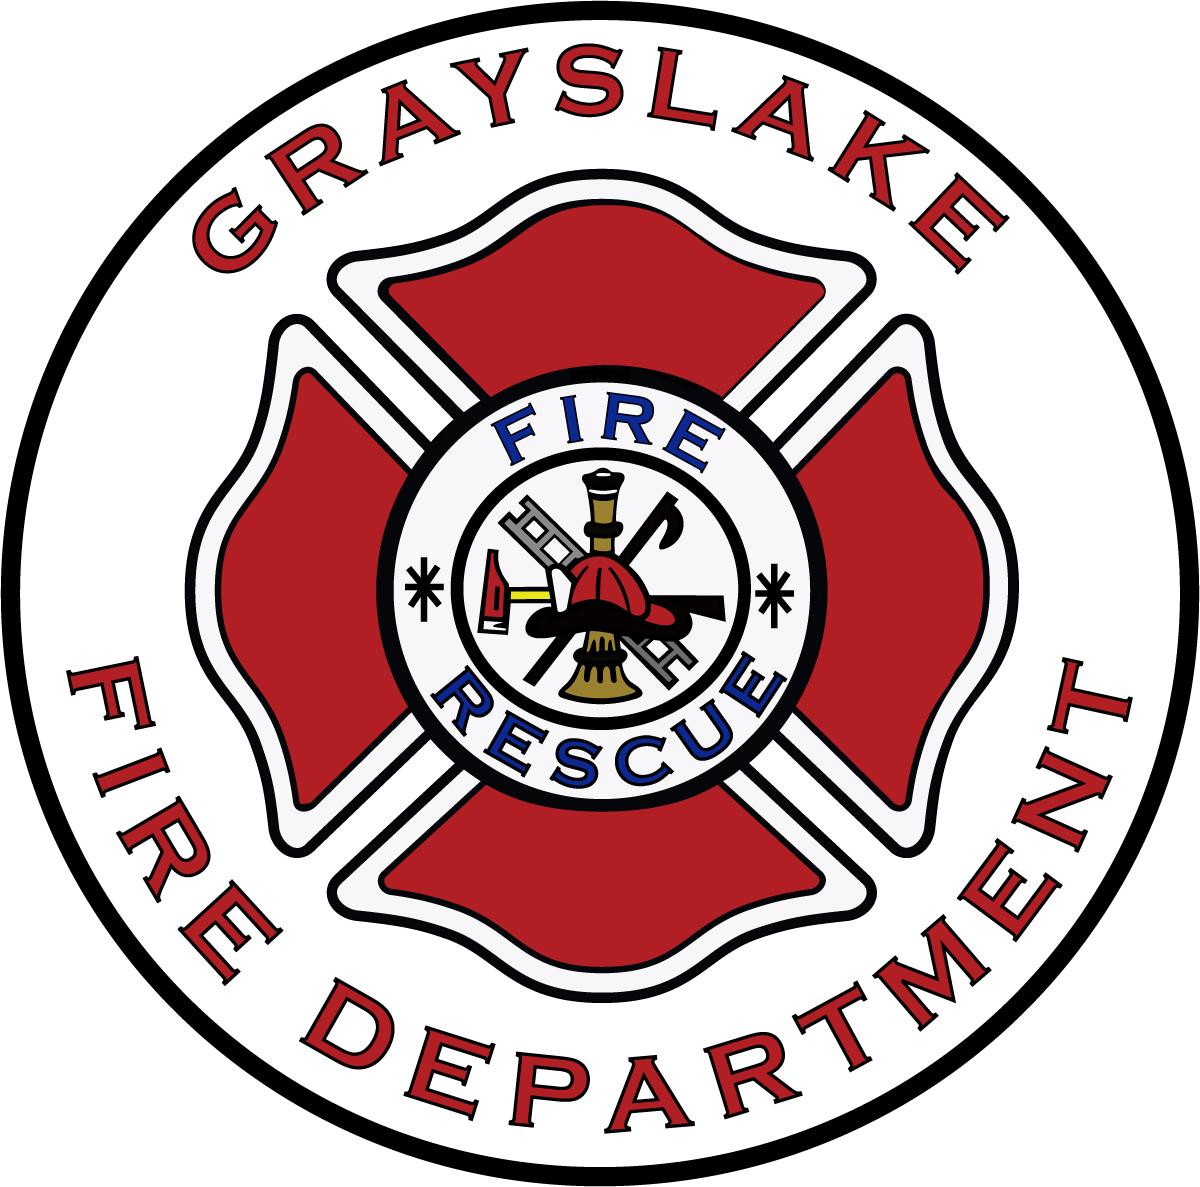 GRAYSLAKE FIRE DEPT. Fire department, Firefighter, Fire